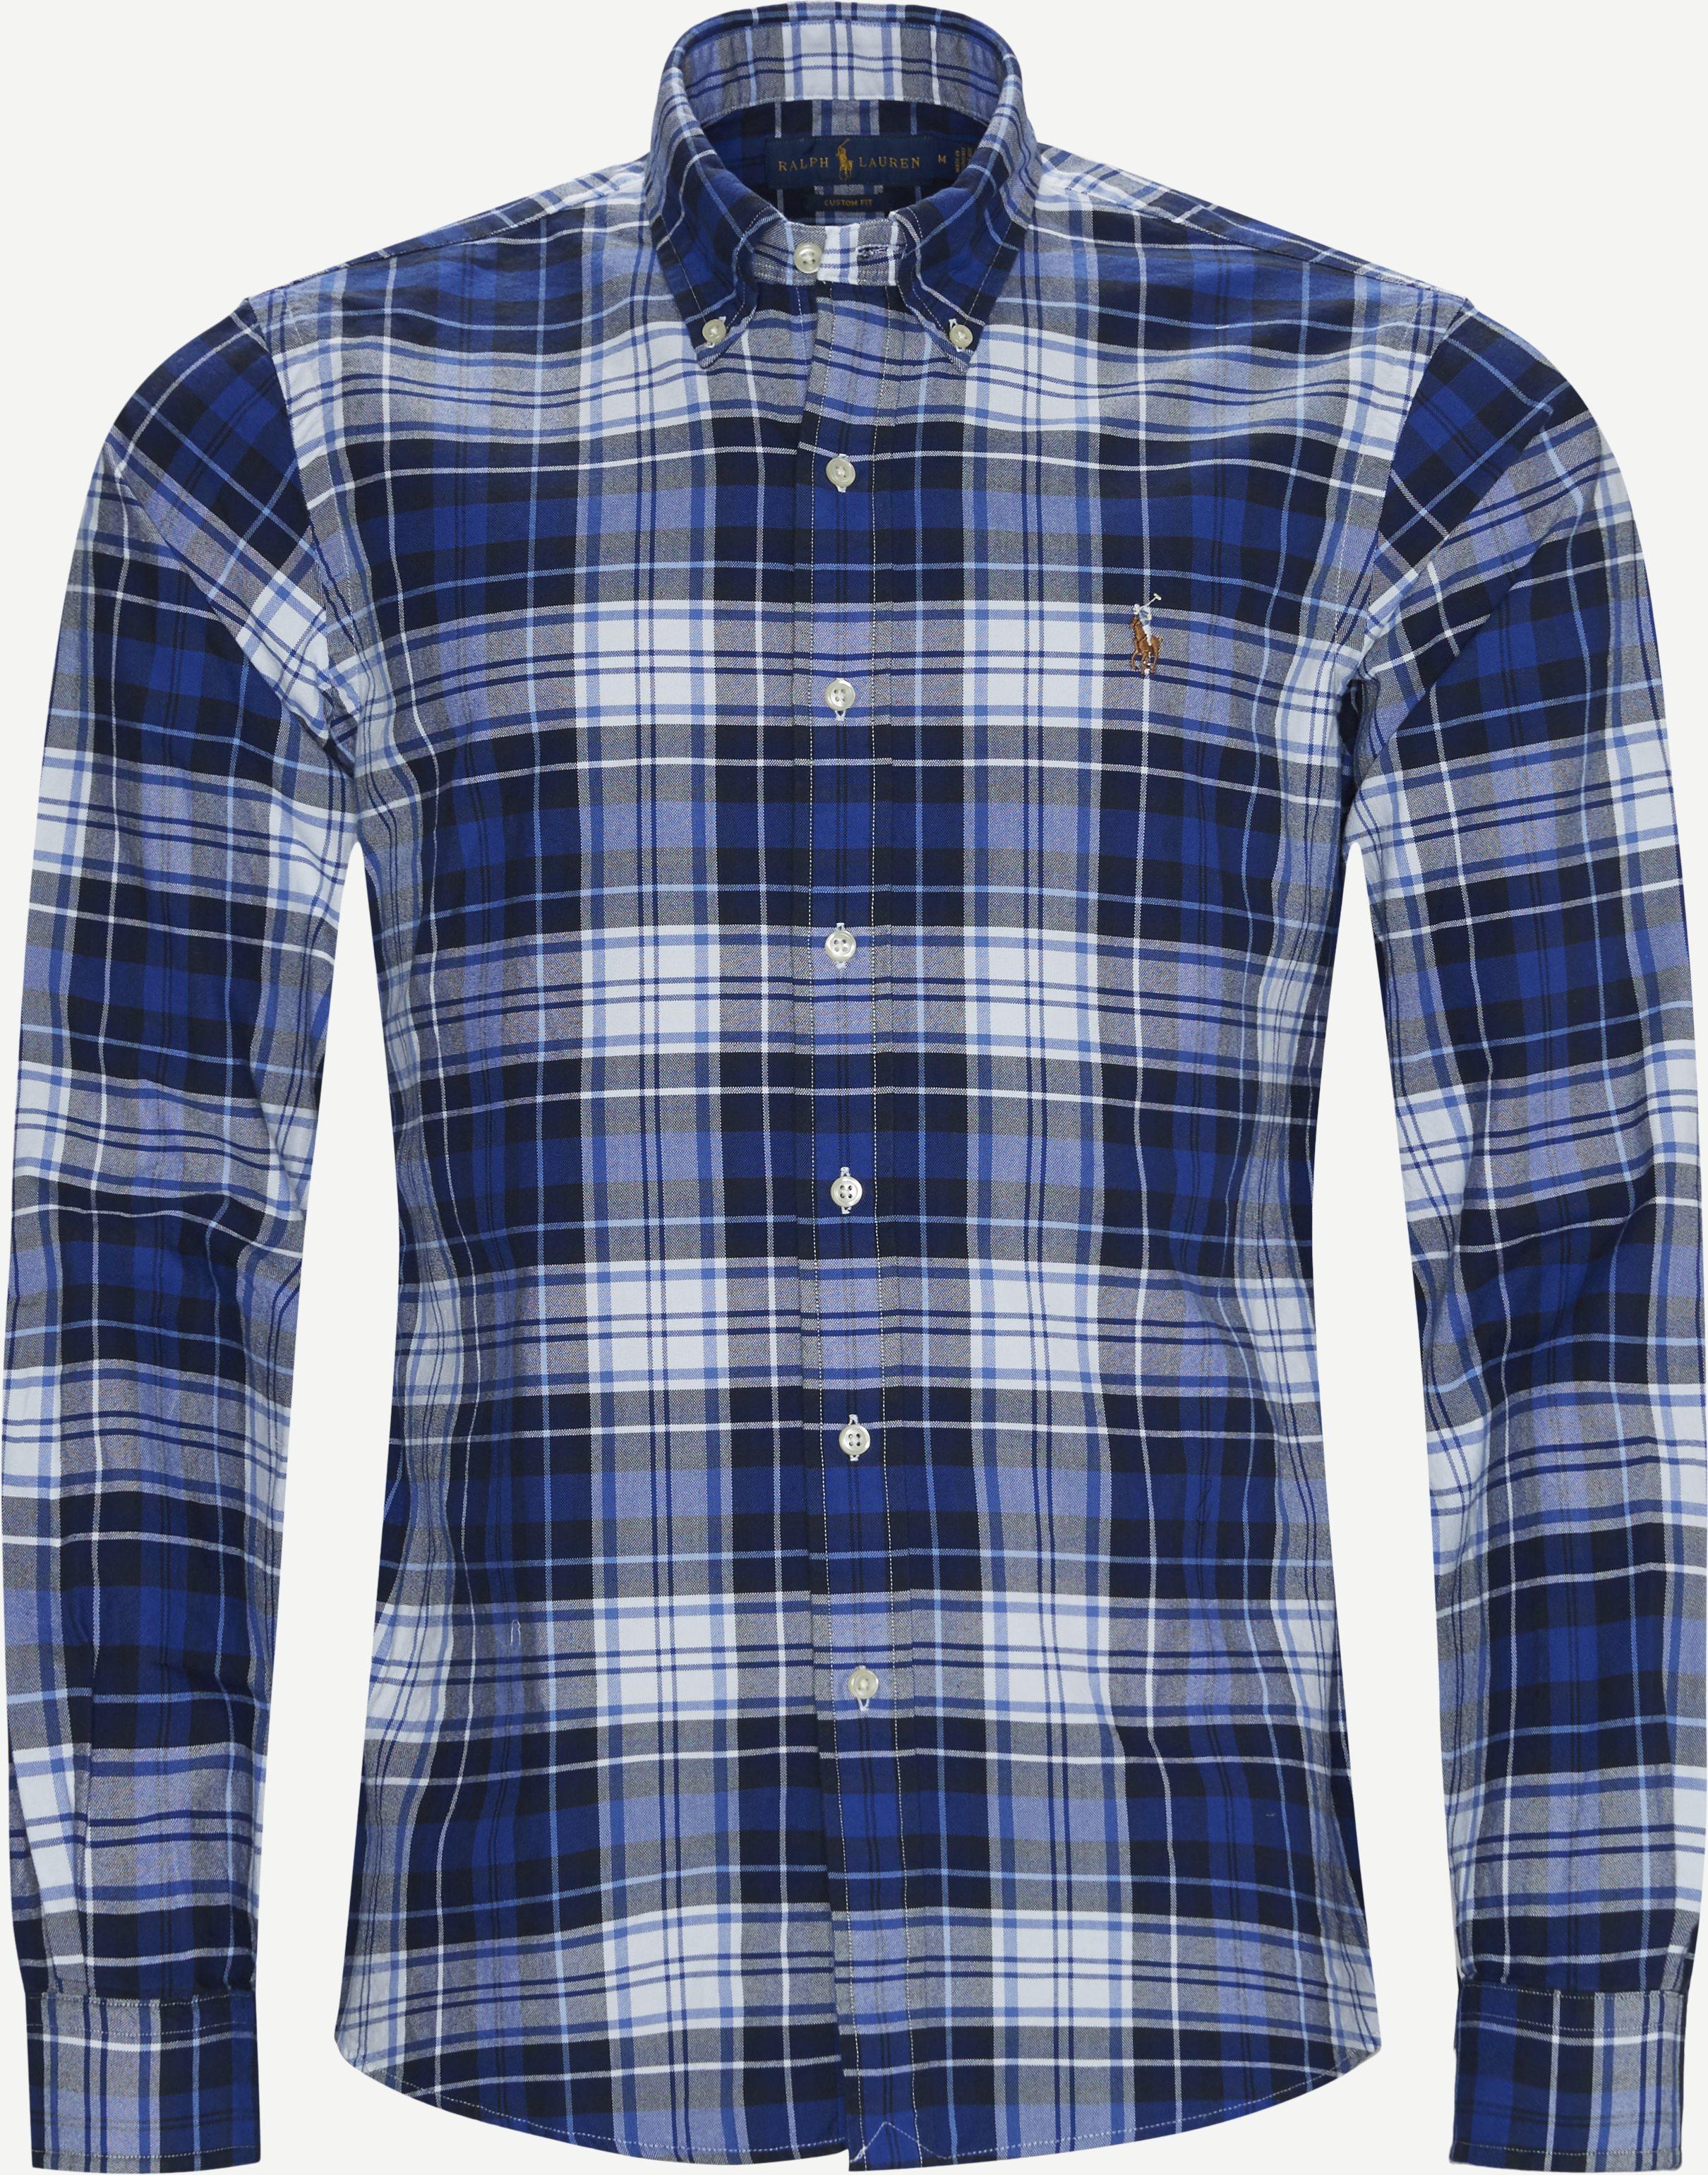 Skjortor - Custom fit - Blå